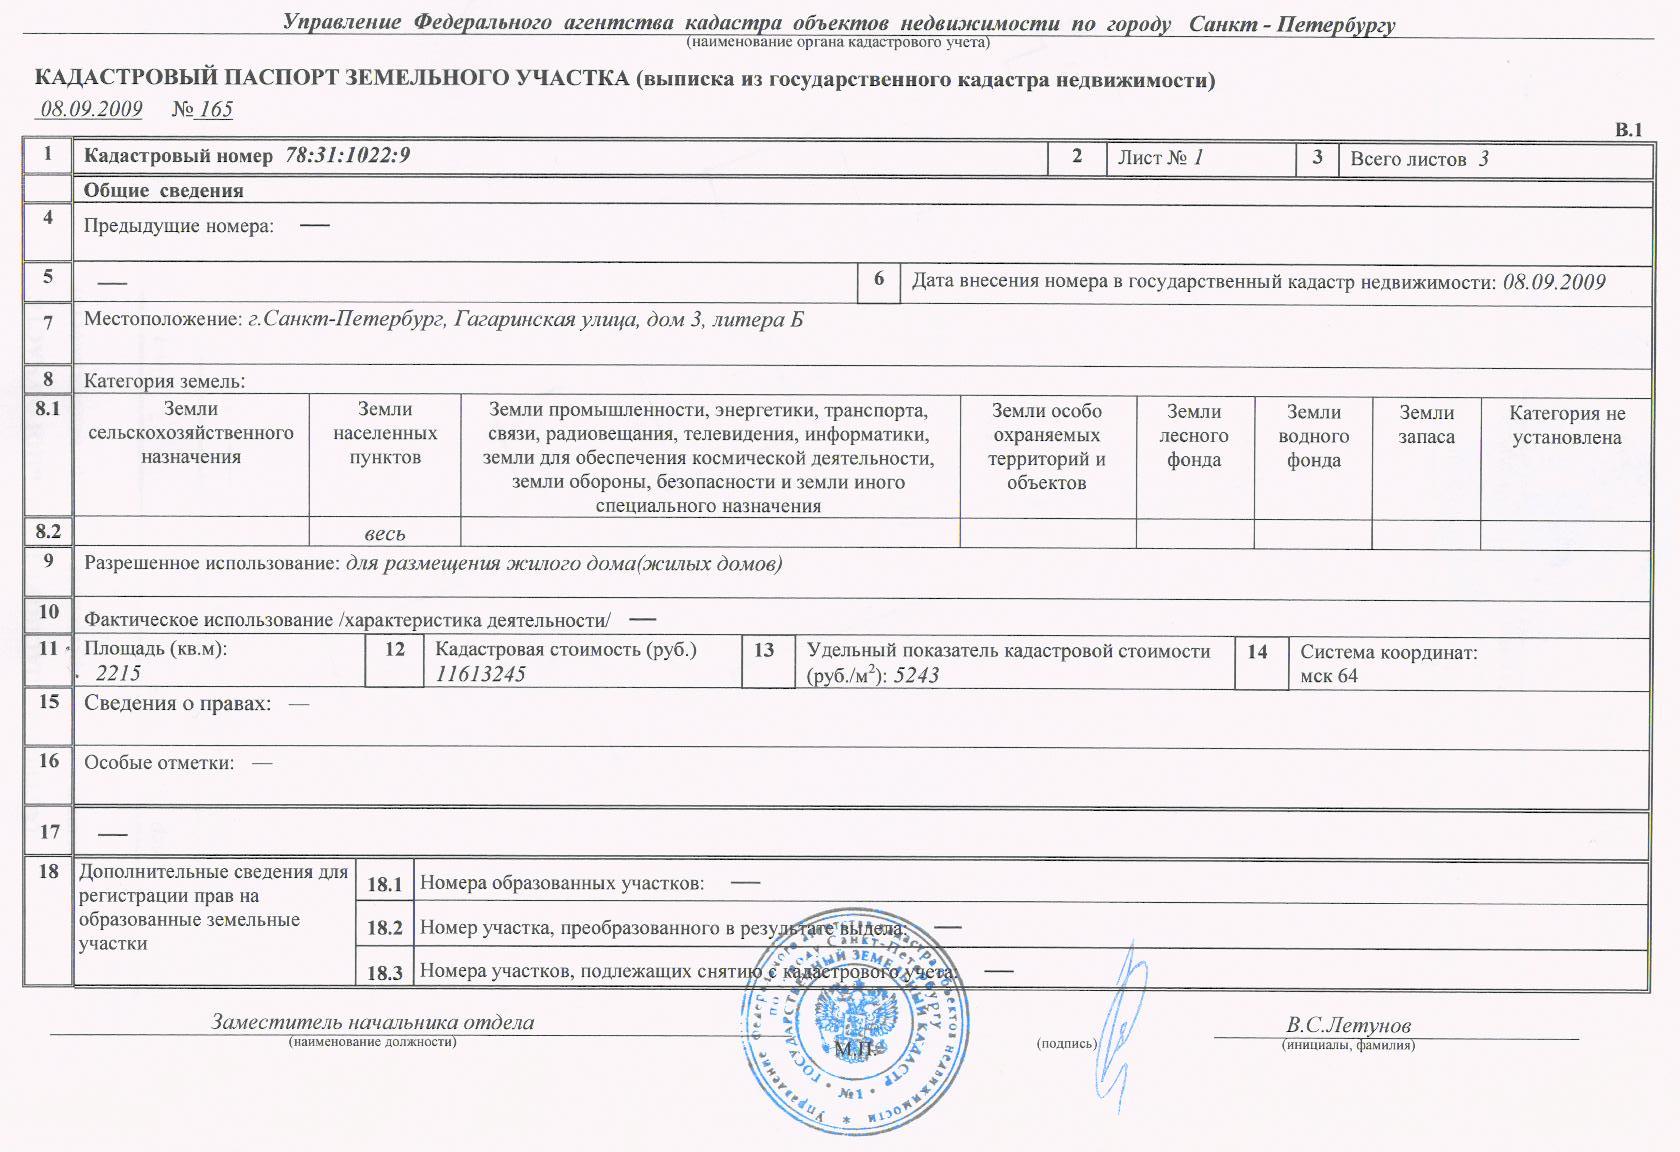 Льготы для многодетных семей в Москве и регионах